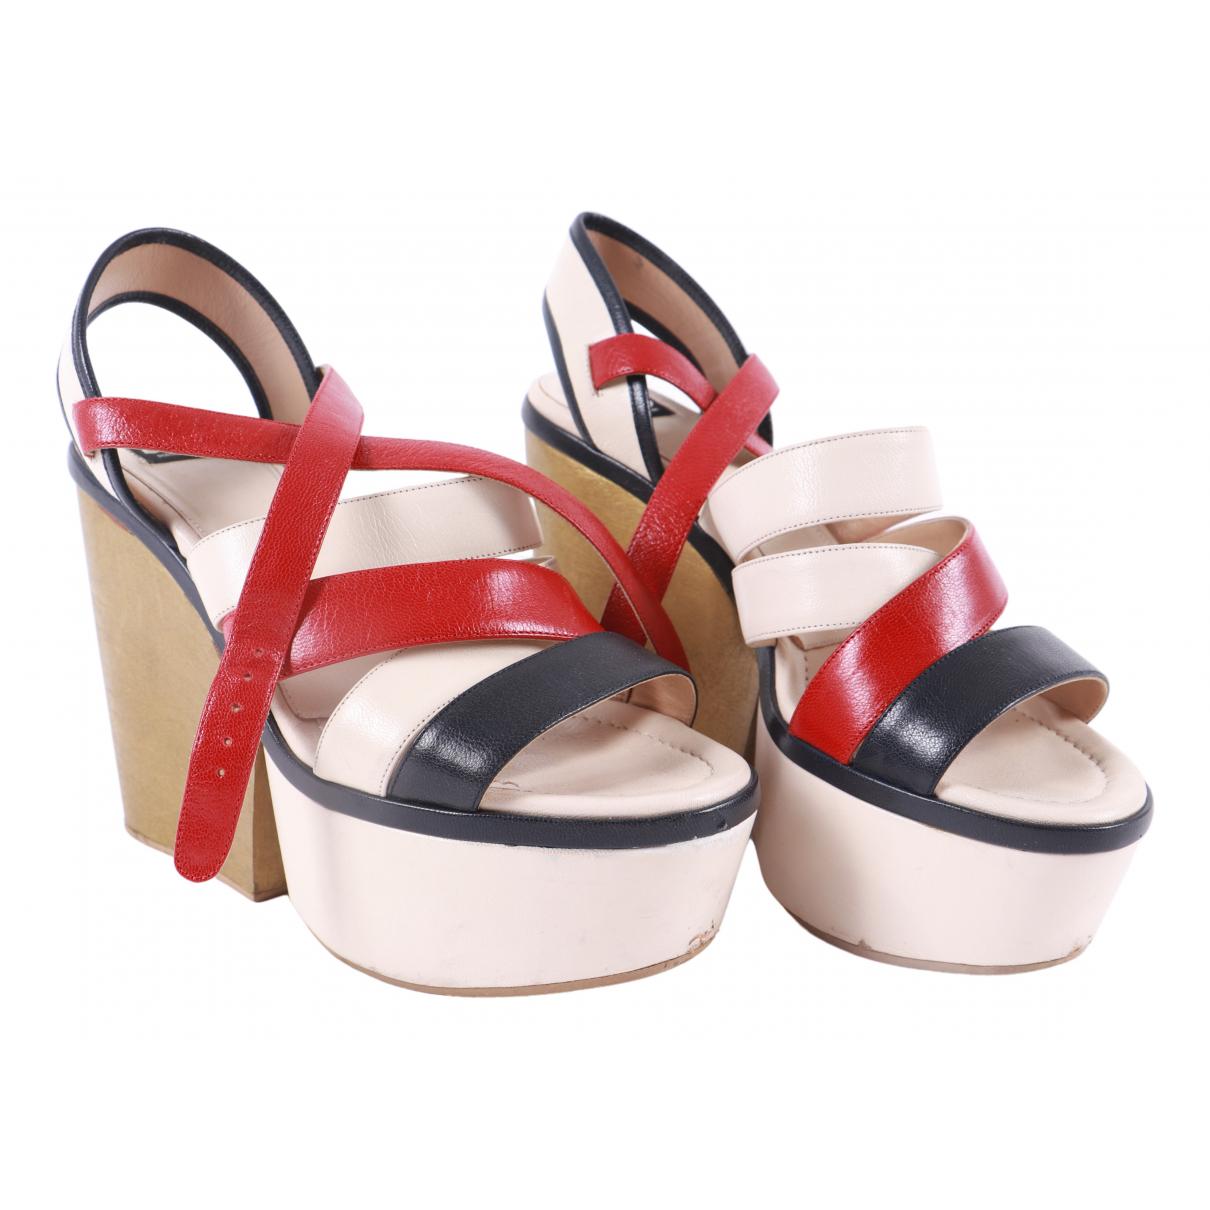 Dolce & Gabbana \N Pumps in  Bunt Leder